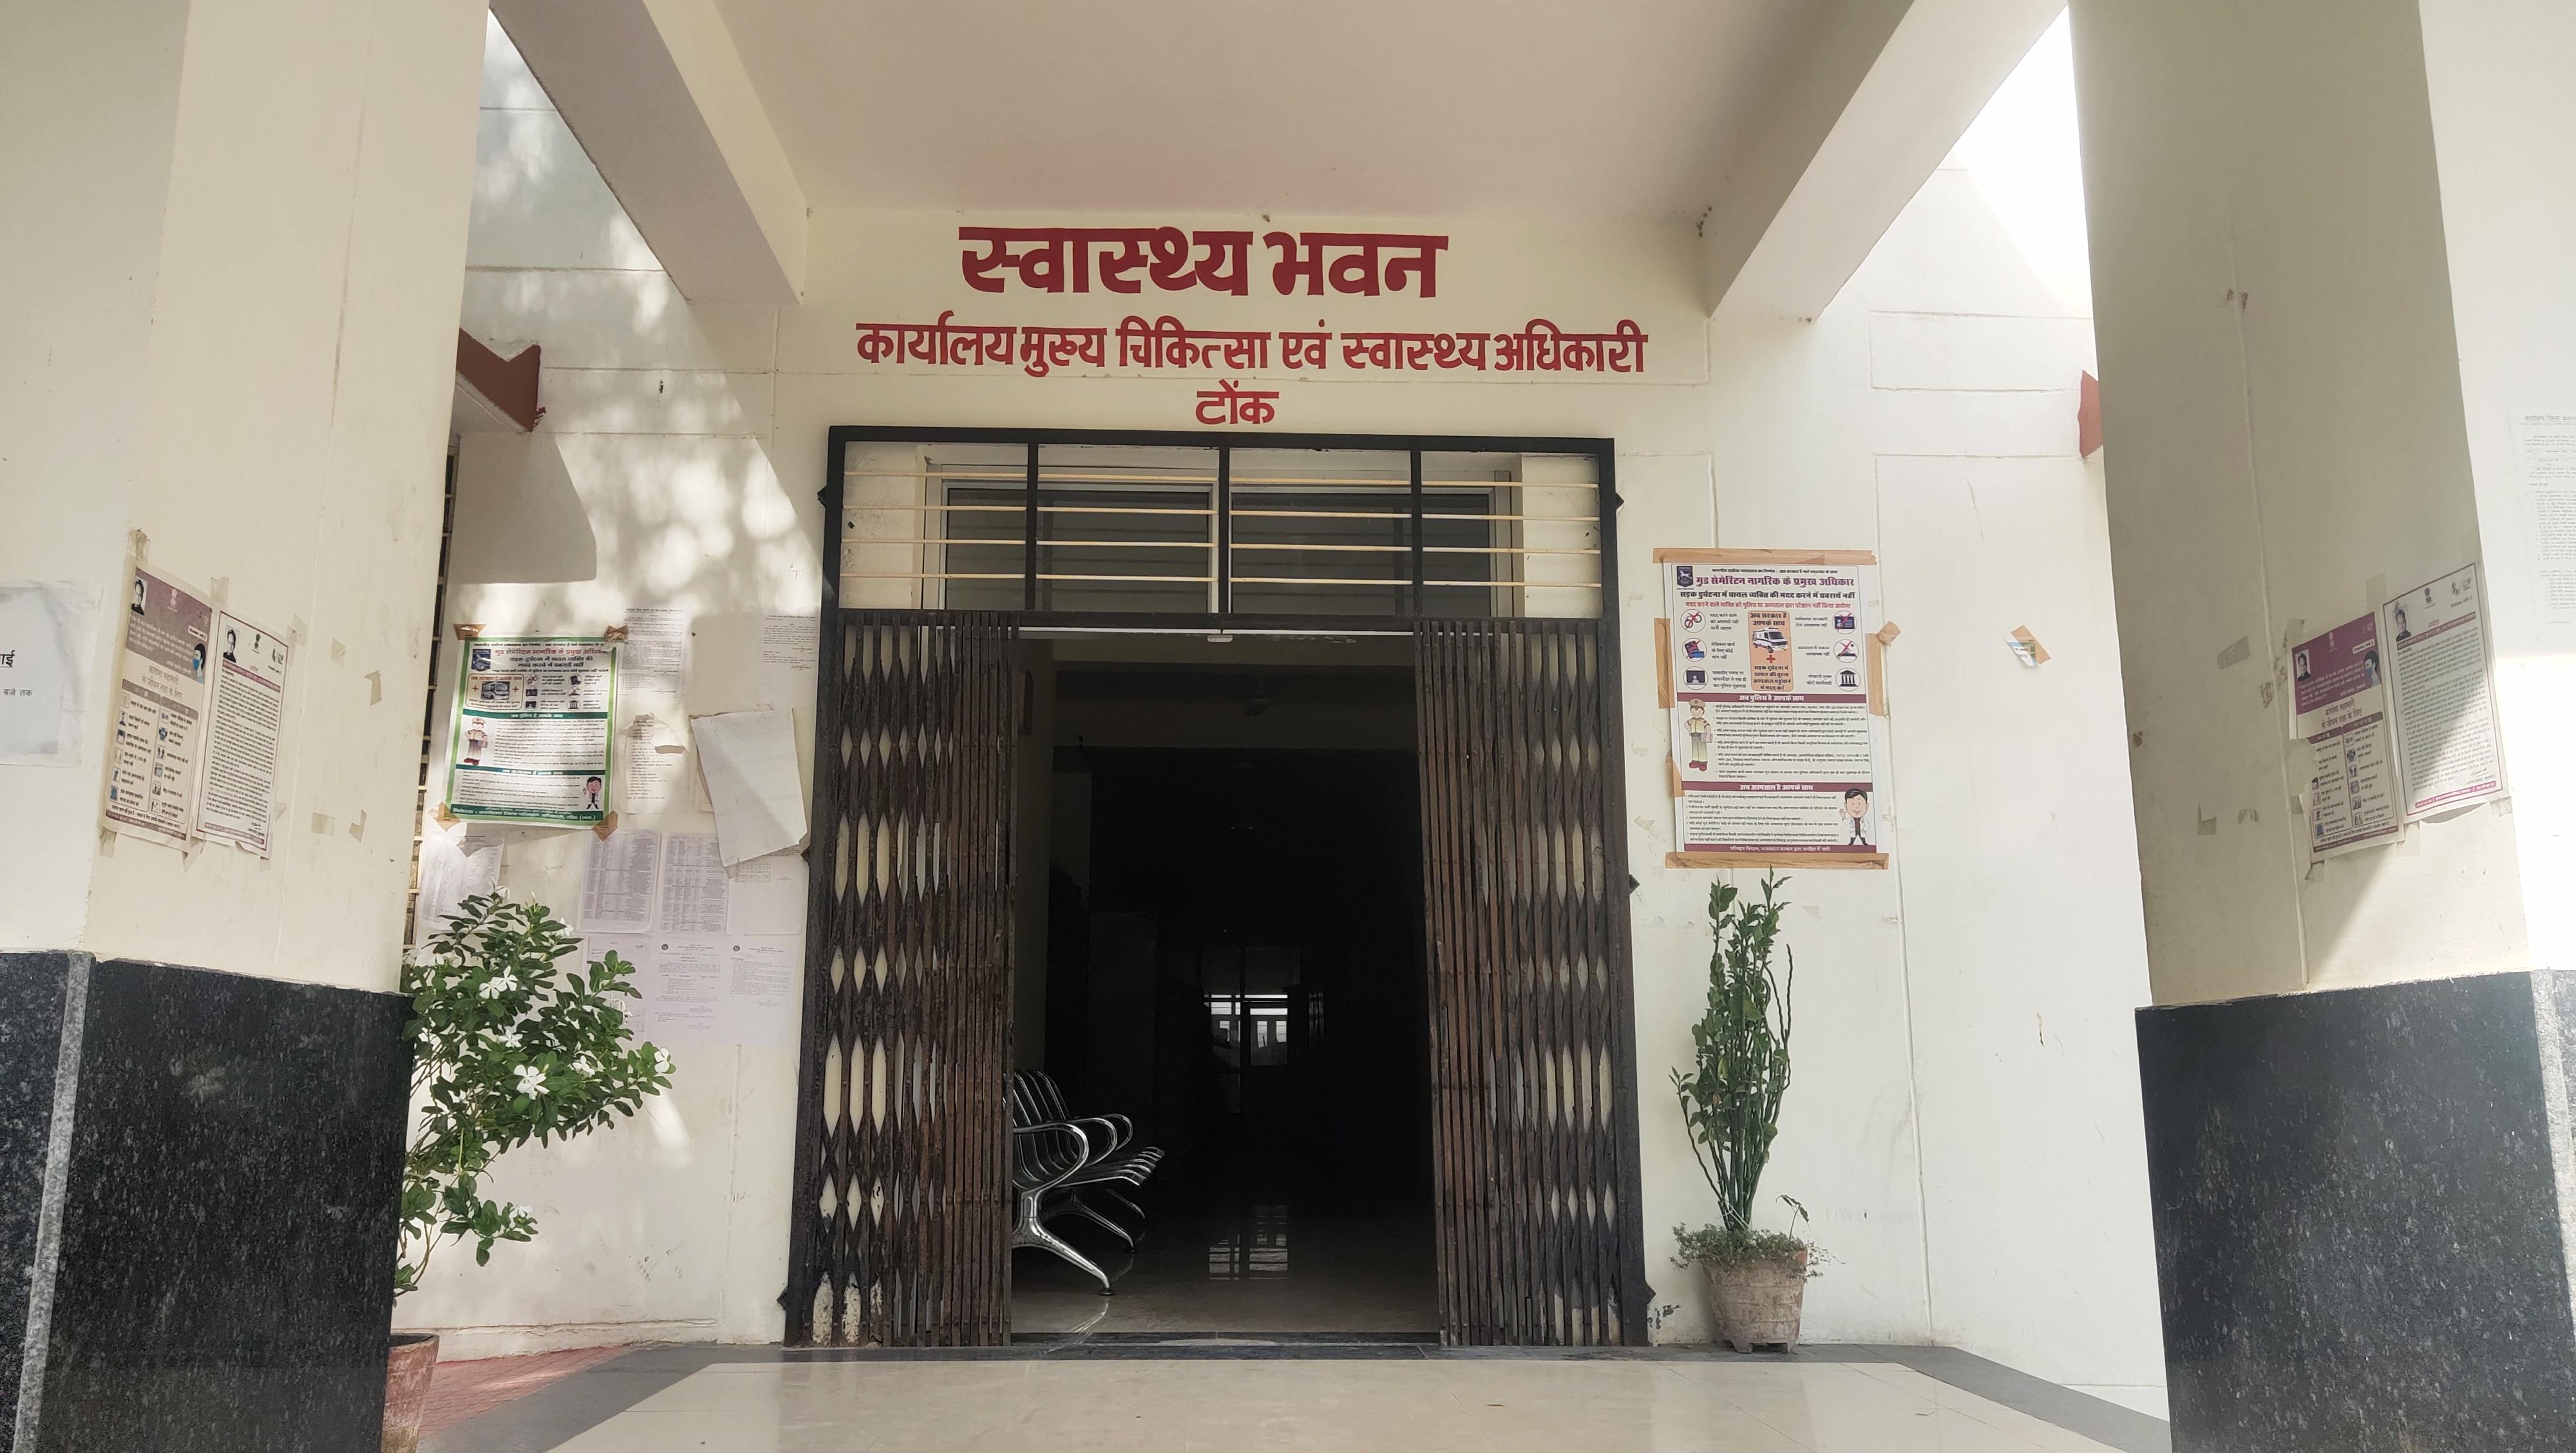 सीएमएचओ कार्यालय टोंक। - Dainik Bhaskar